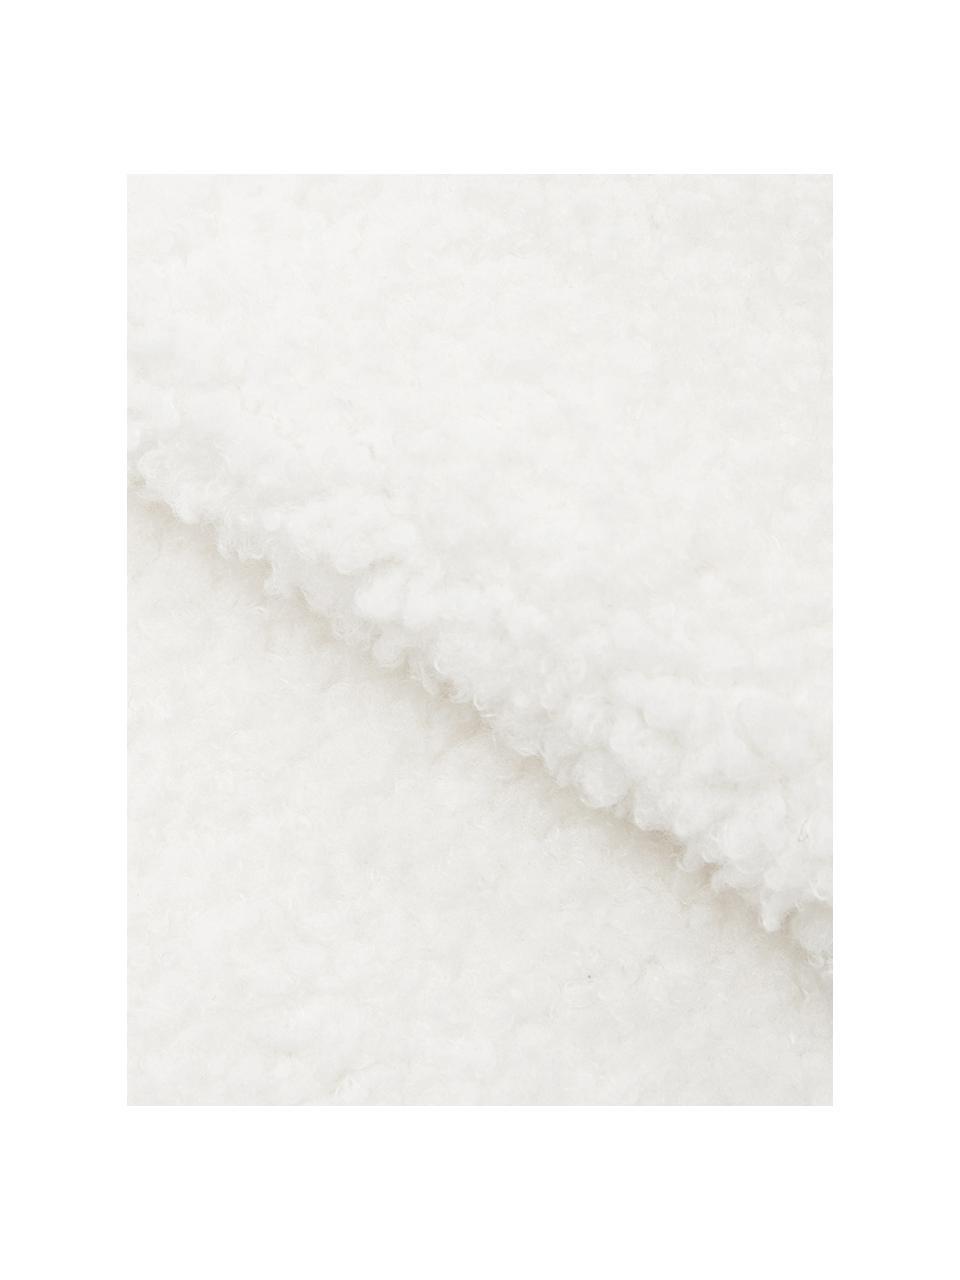 Teddy-Plaid Mille in Weiß, Vorderseite: 100% Polyester (Teddyfell, Rückseite: 100% Polyester, Weiß, 150 x 200 cm